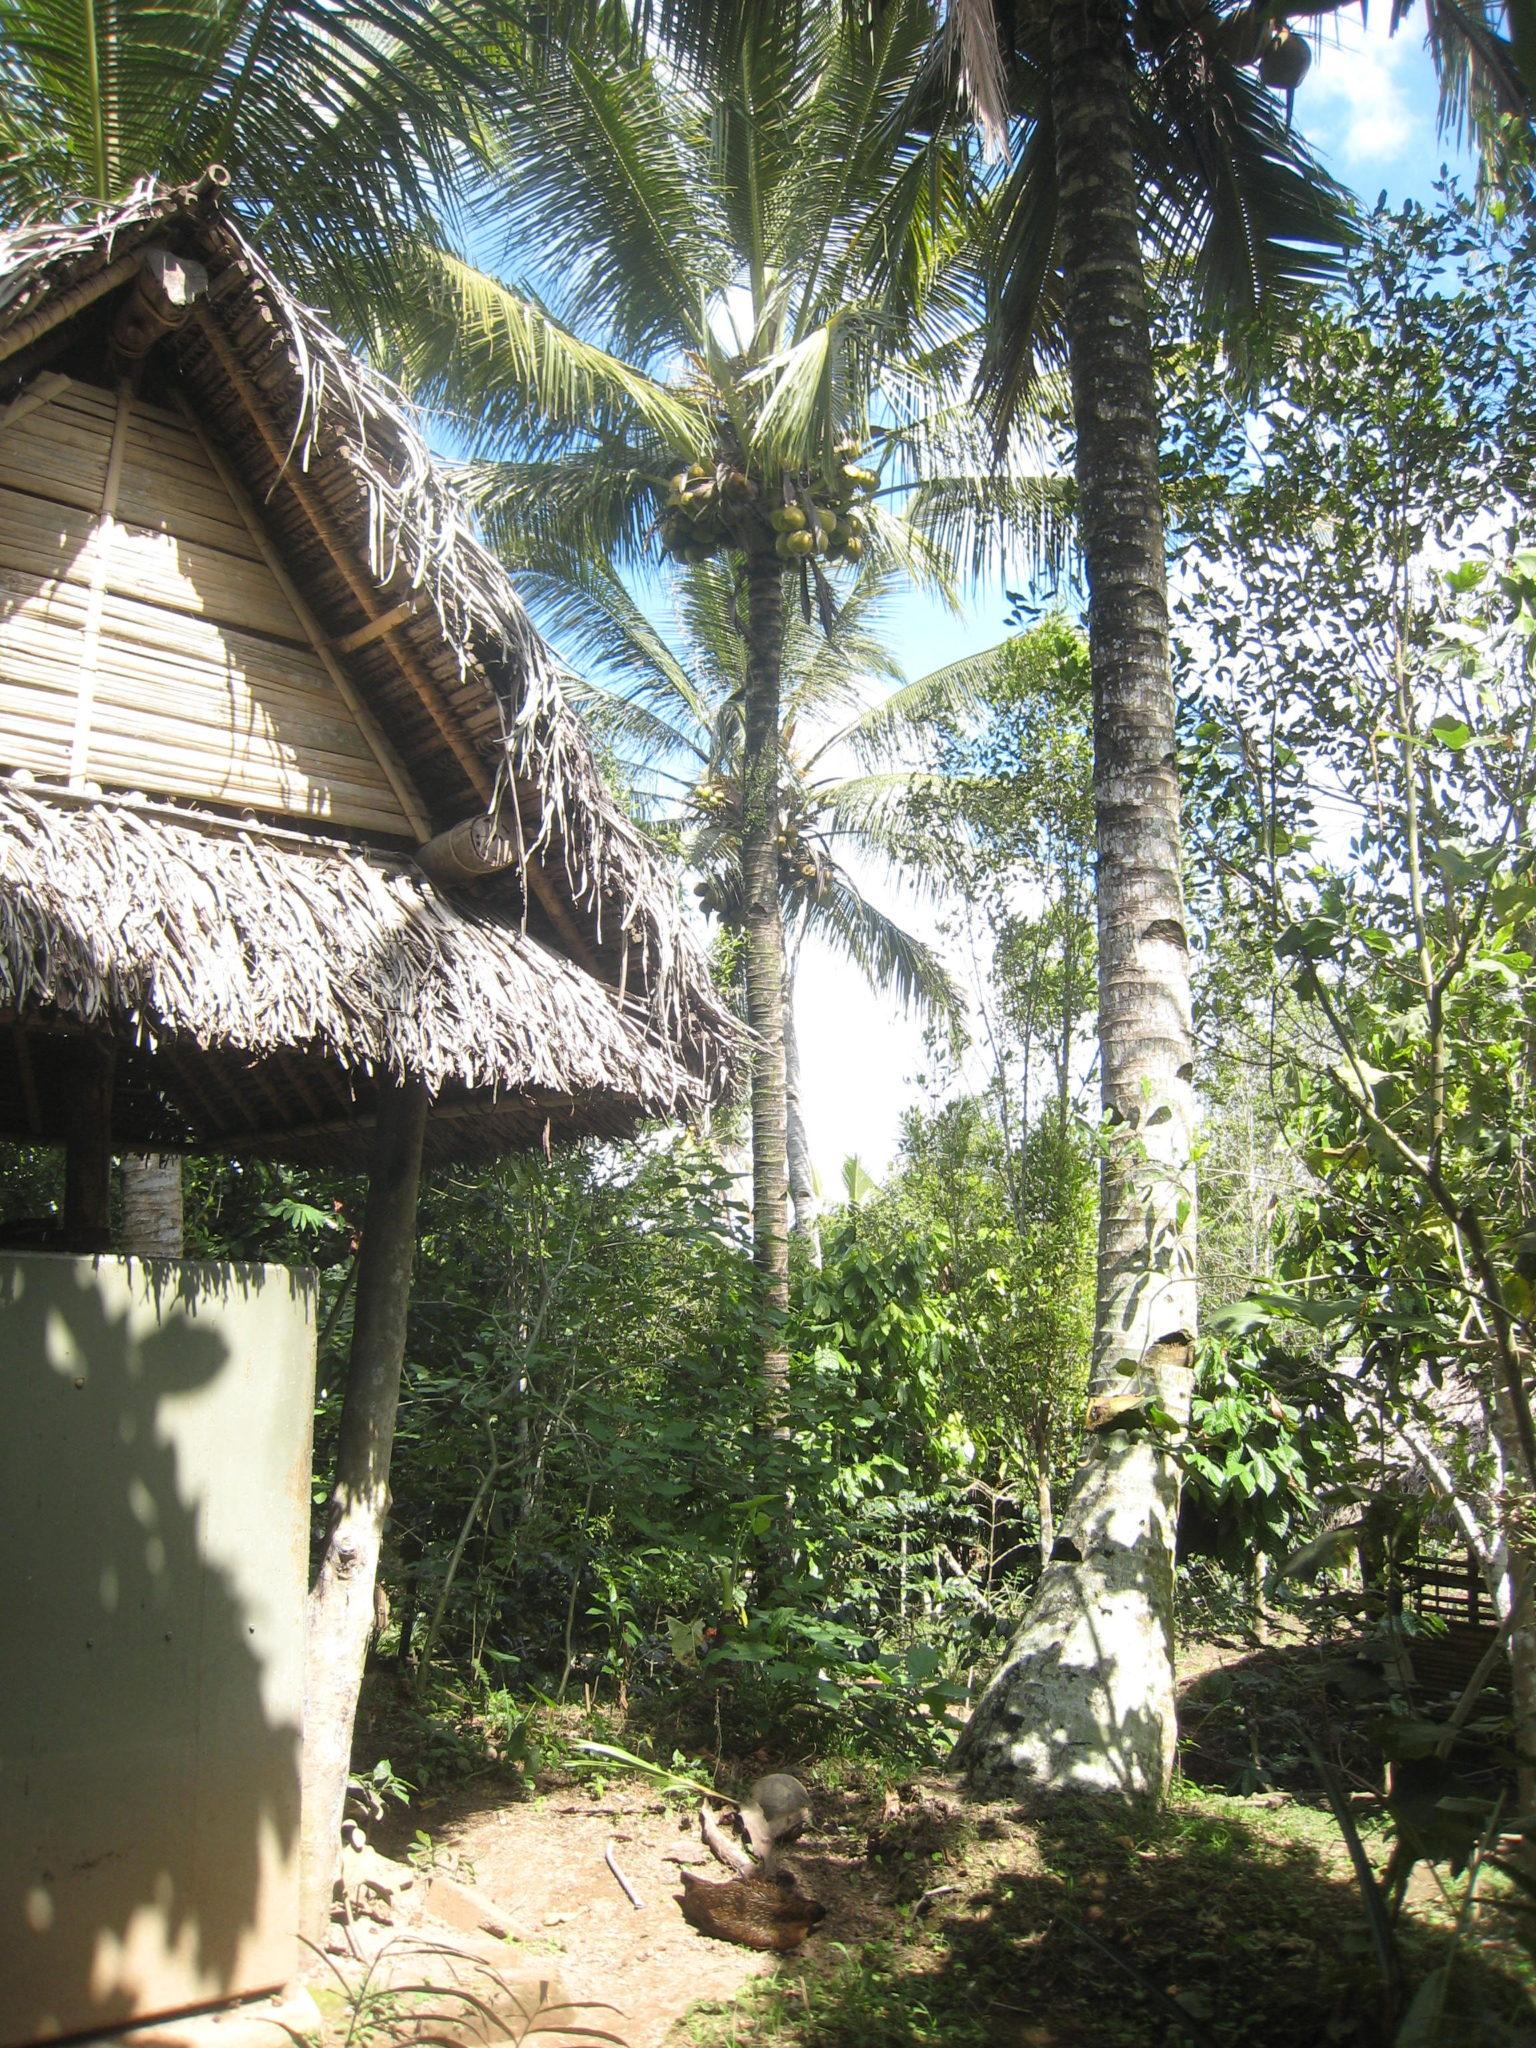 Family travel to Ubud, Bali